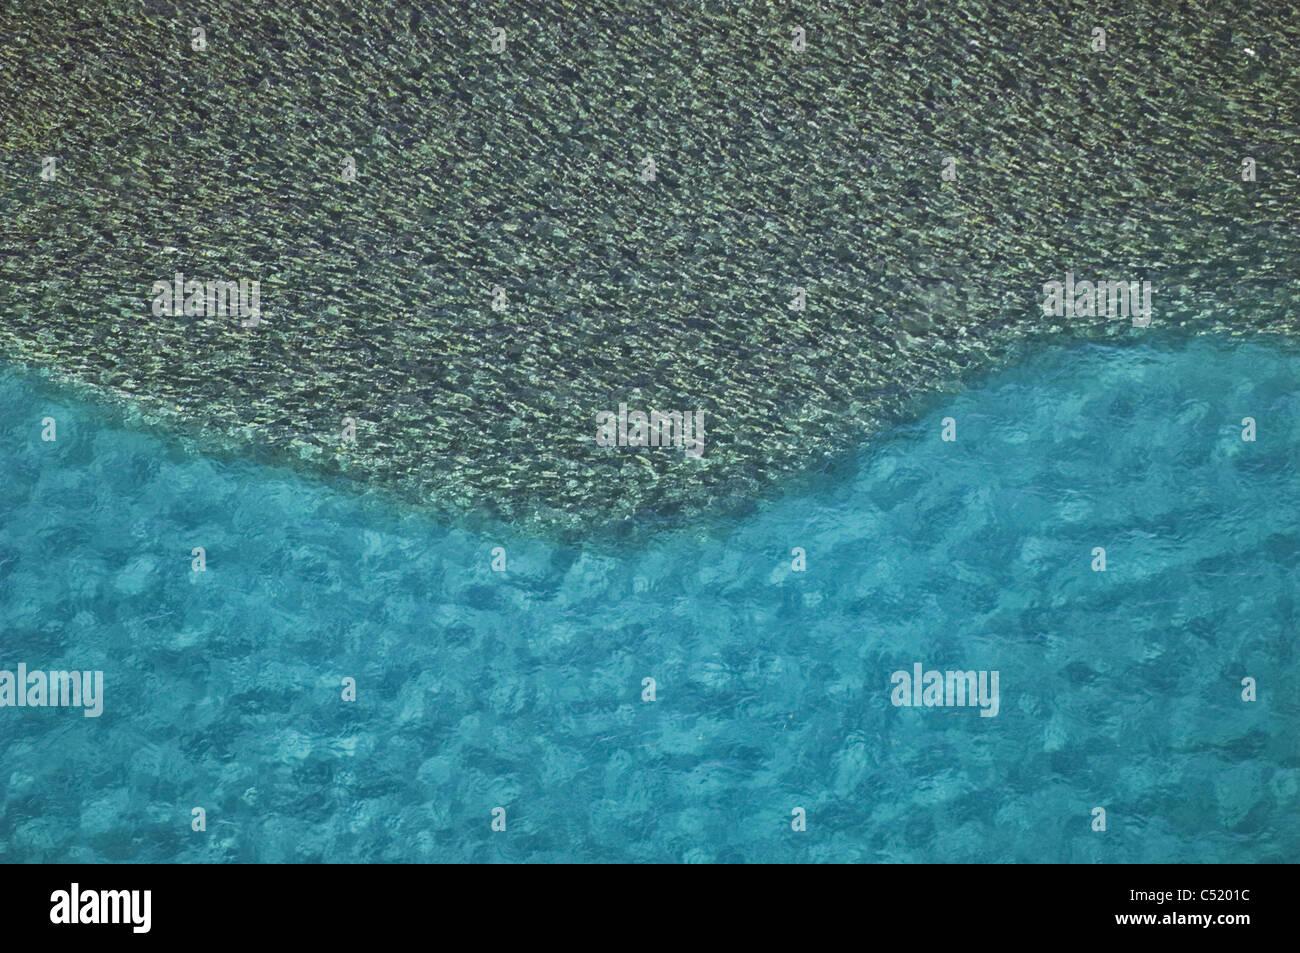 Escuela de peces grandes de la costa oriental de Florida Imagen De Stock